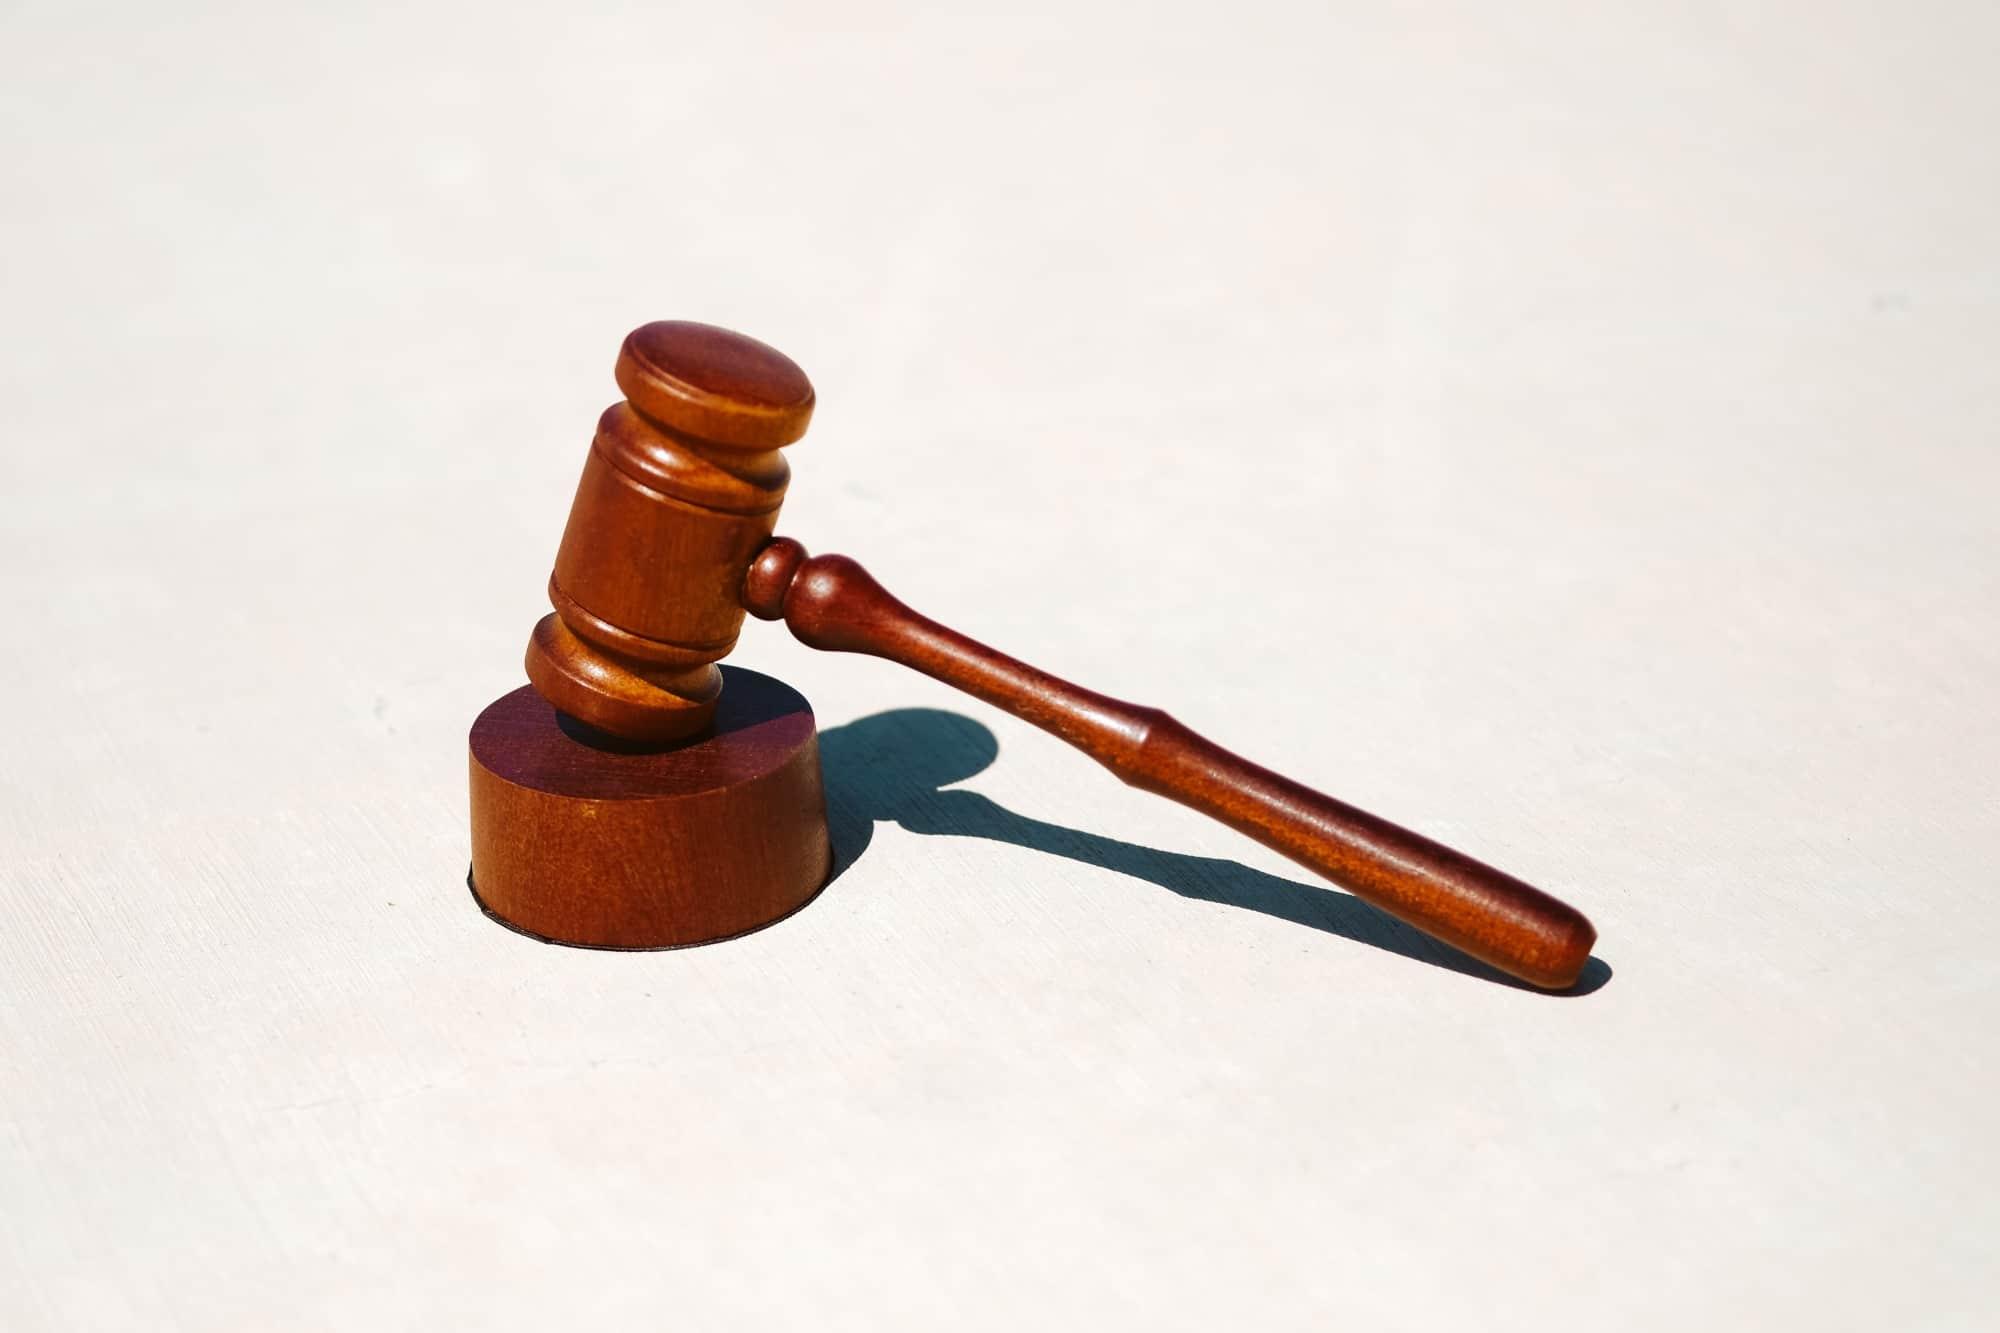 Renovação compulsória no Seguro Garantia Judicial: o que é e como funciona?